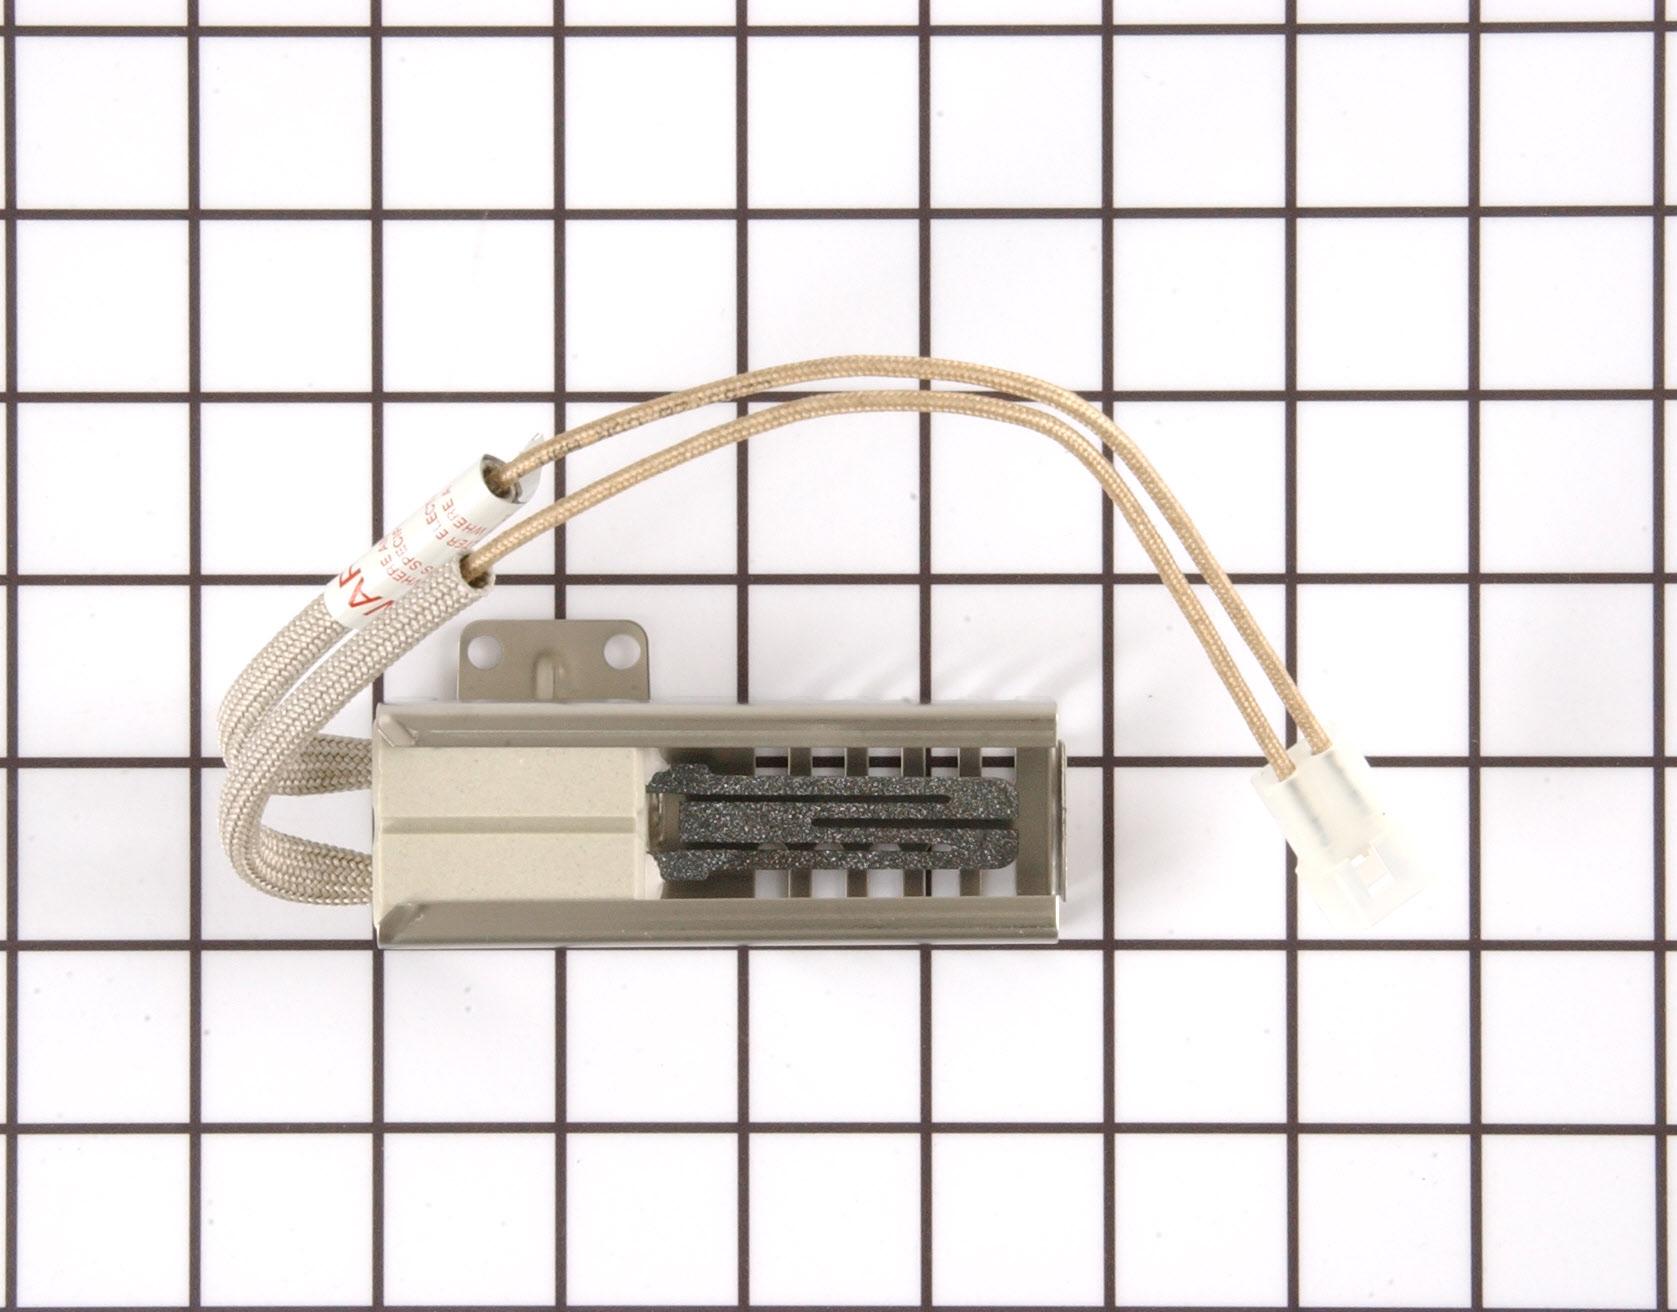 Roper Range/Stove/Oven Part # W10918546 - Igniter